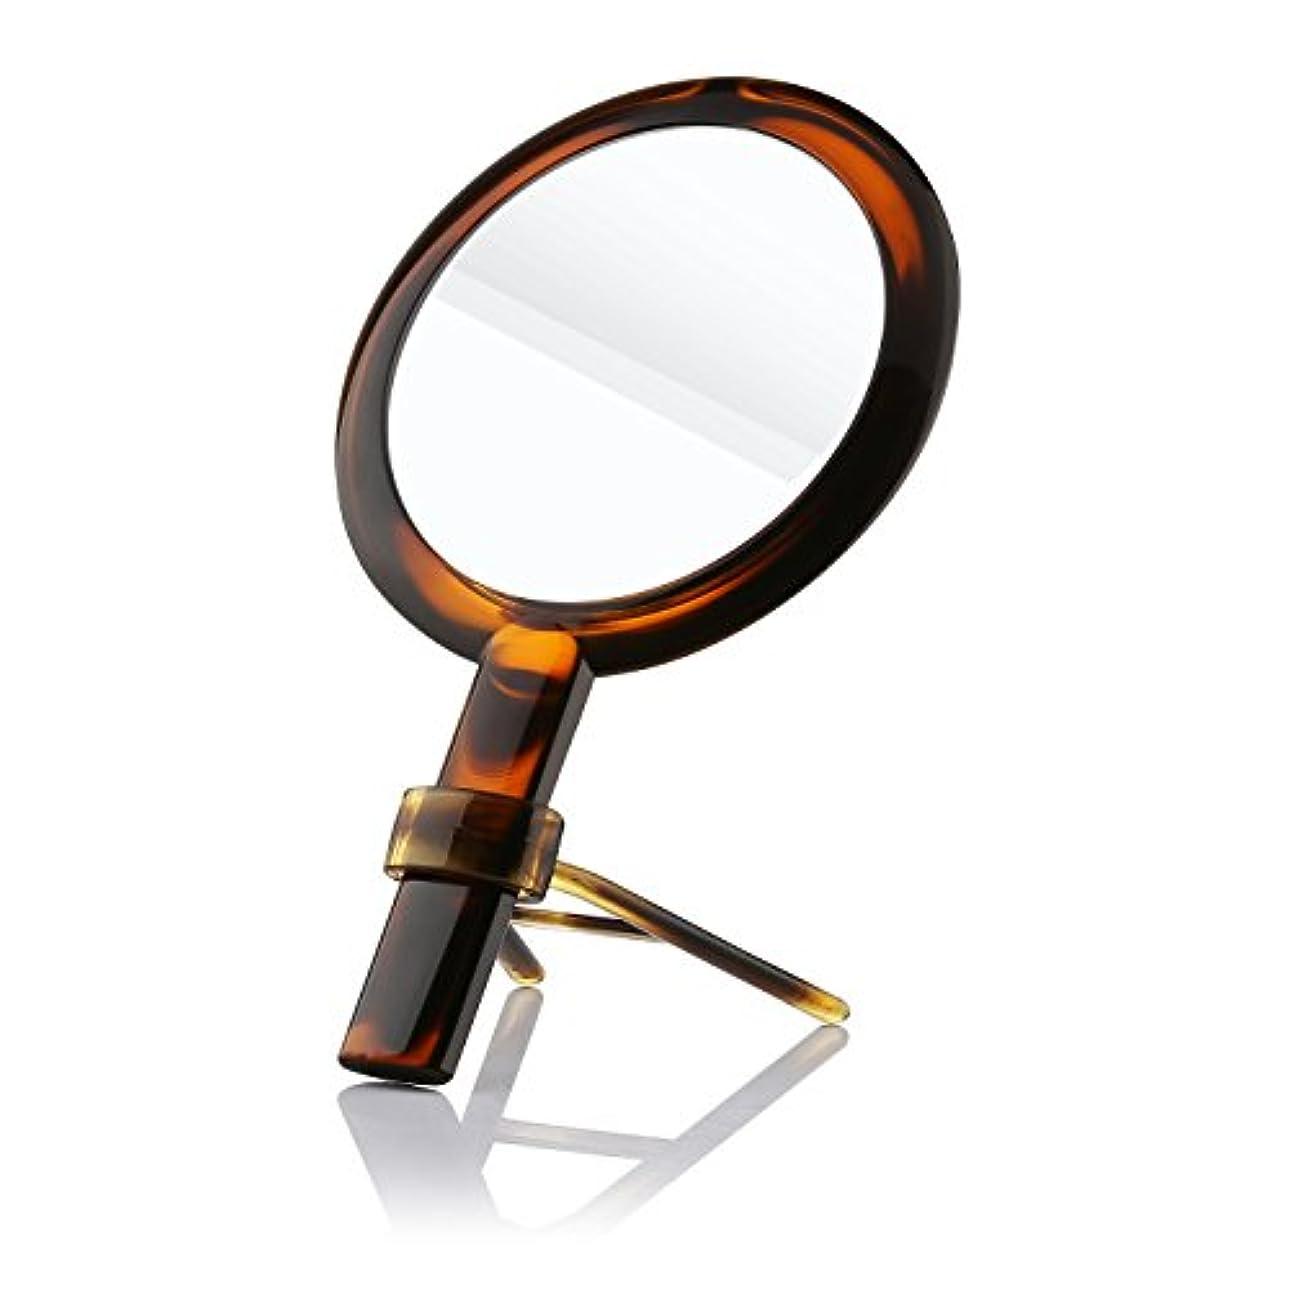 警告する居心地の良い契約した化粧ミラー Beautifive 化粧鏡 メイクミラー 等倍卓上両面鏡 7倍拡大スタンドミラー 手鏡 光学レズン高解像度